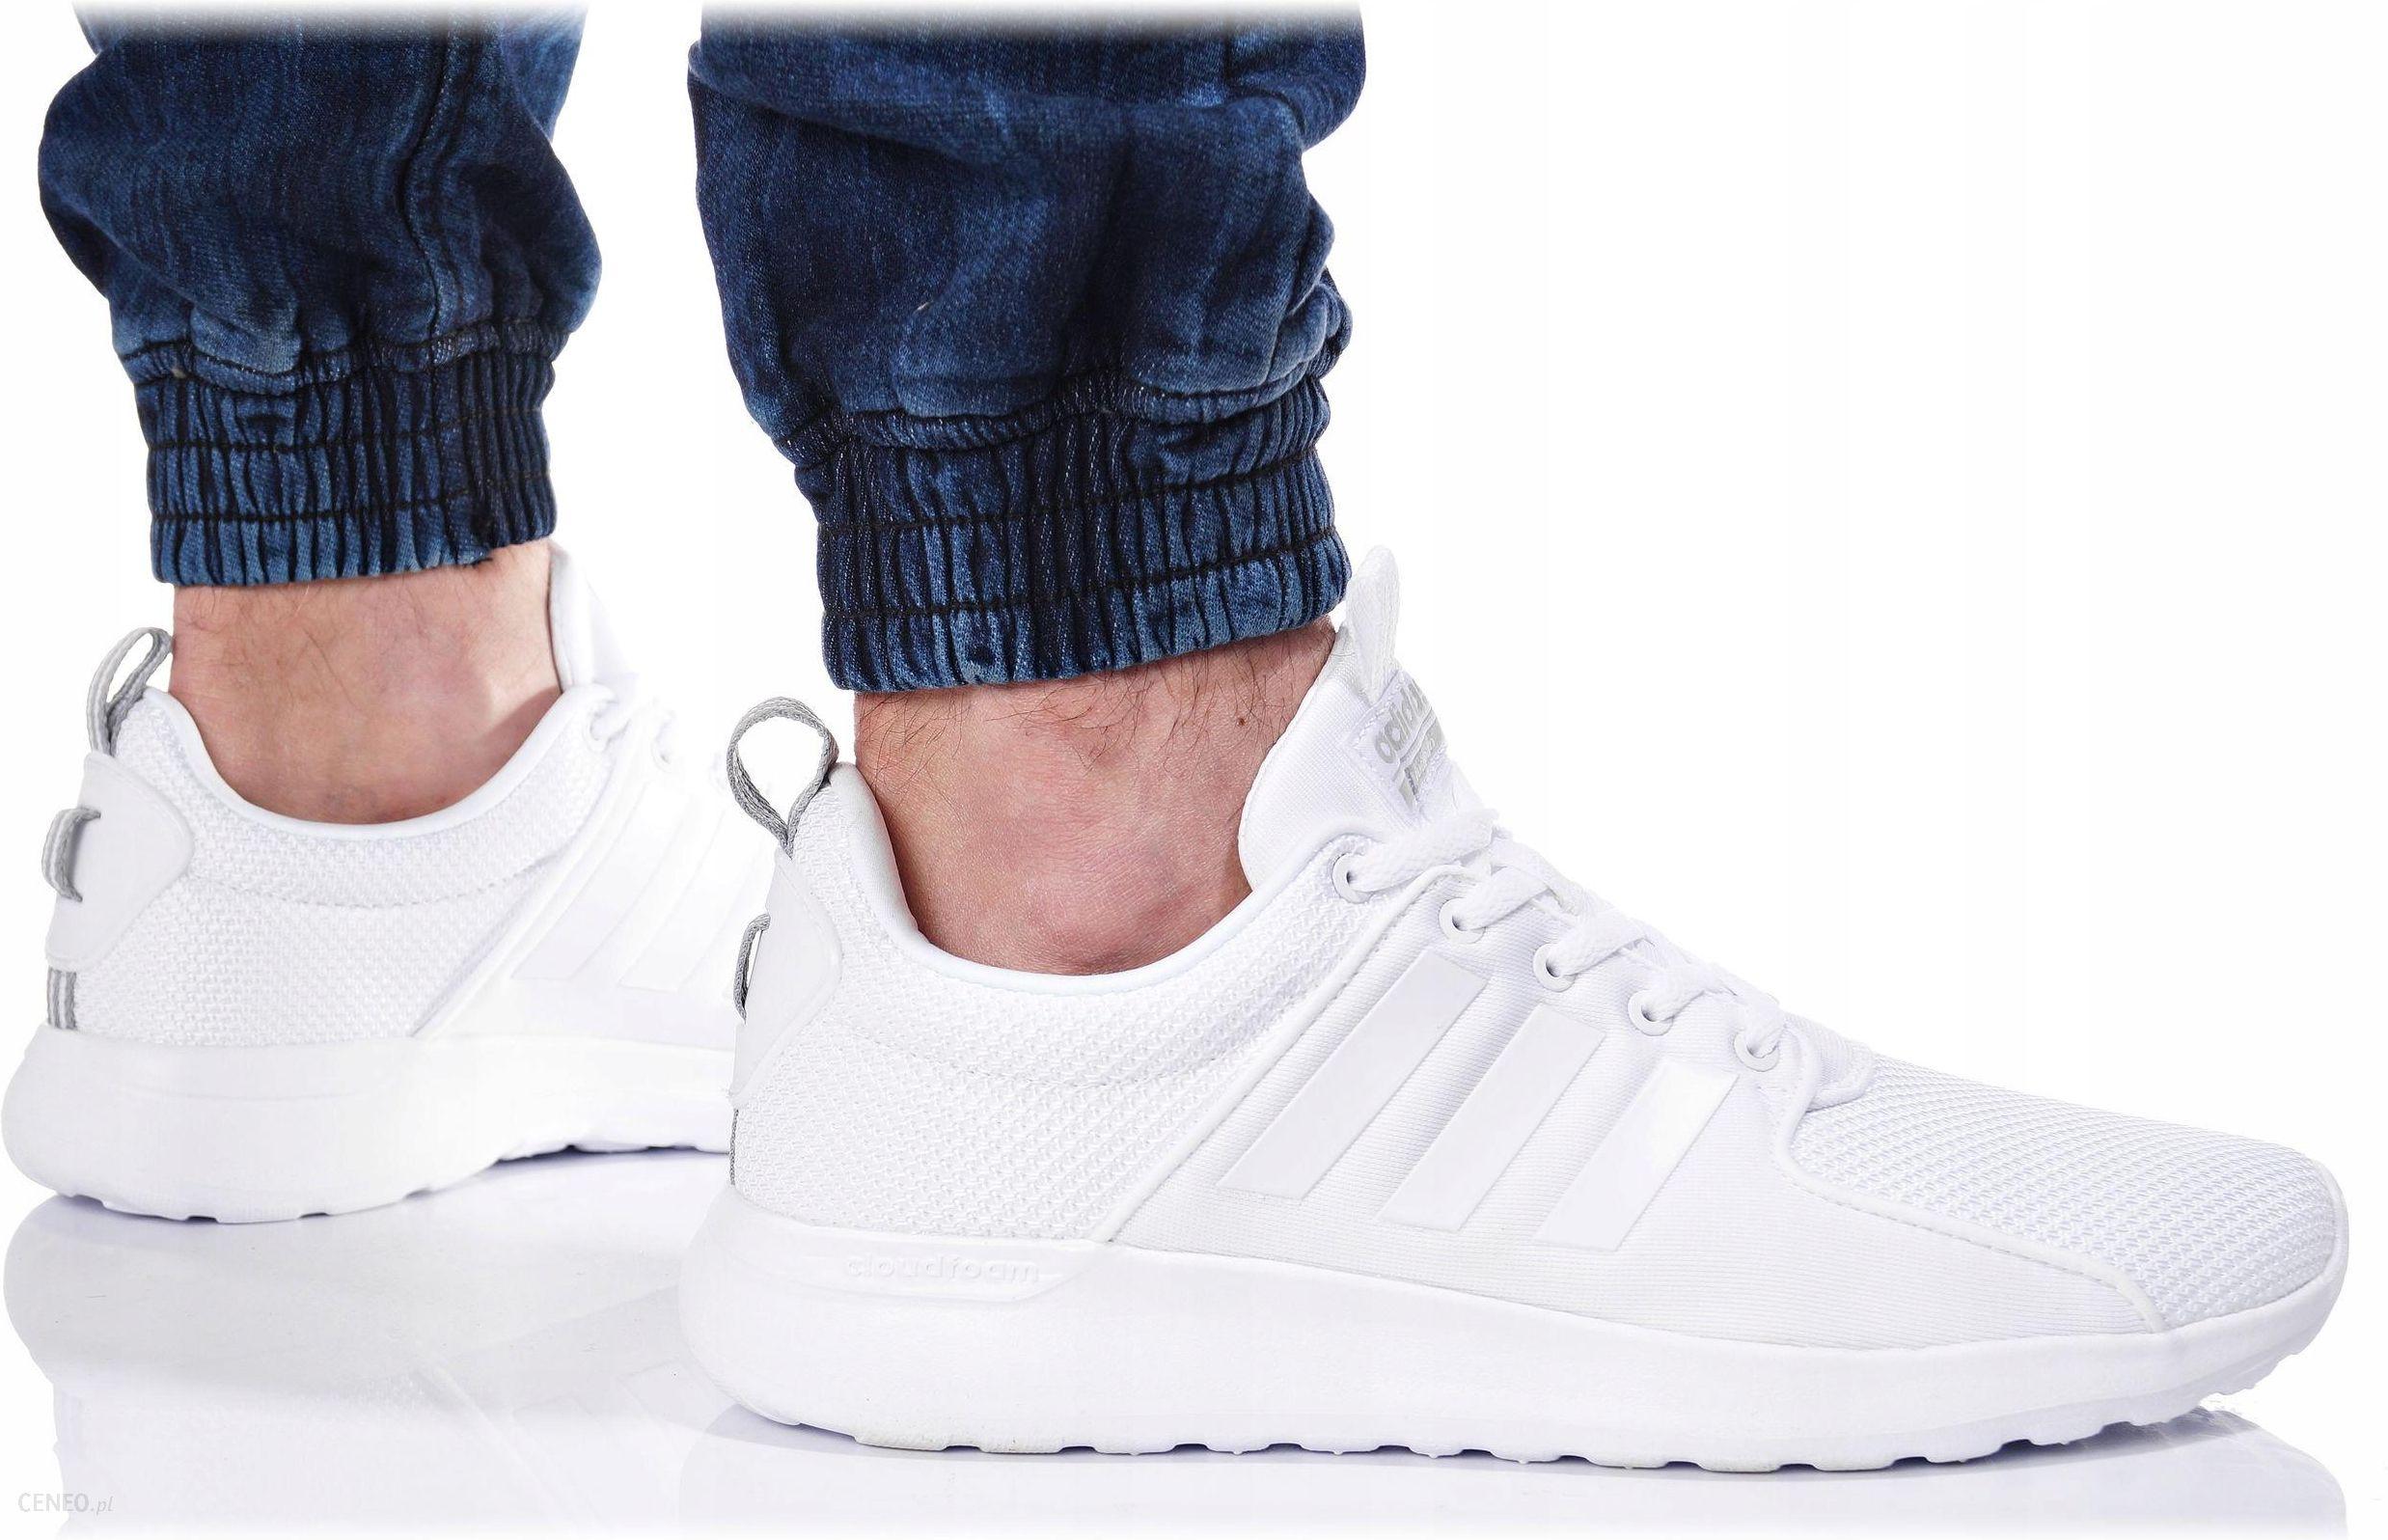 Buty Adidas Męskie Cloudfoam Lite AW4262 Białe Ceny i opinie Ceneo.pl